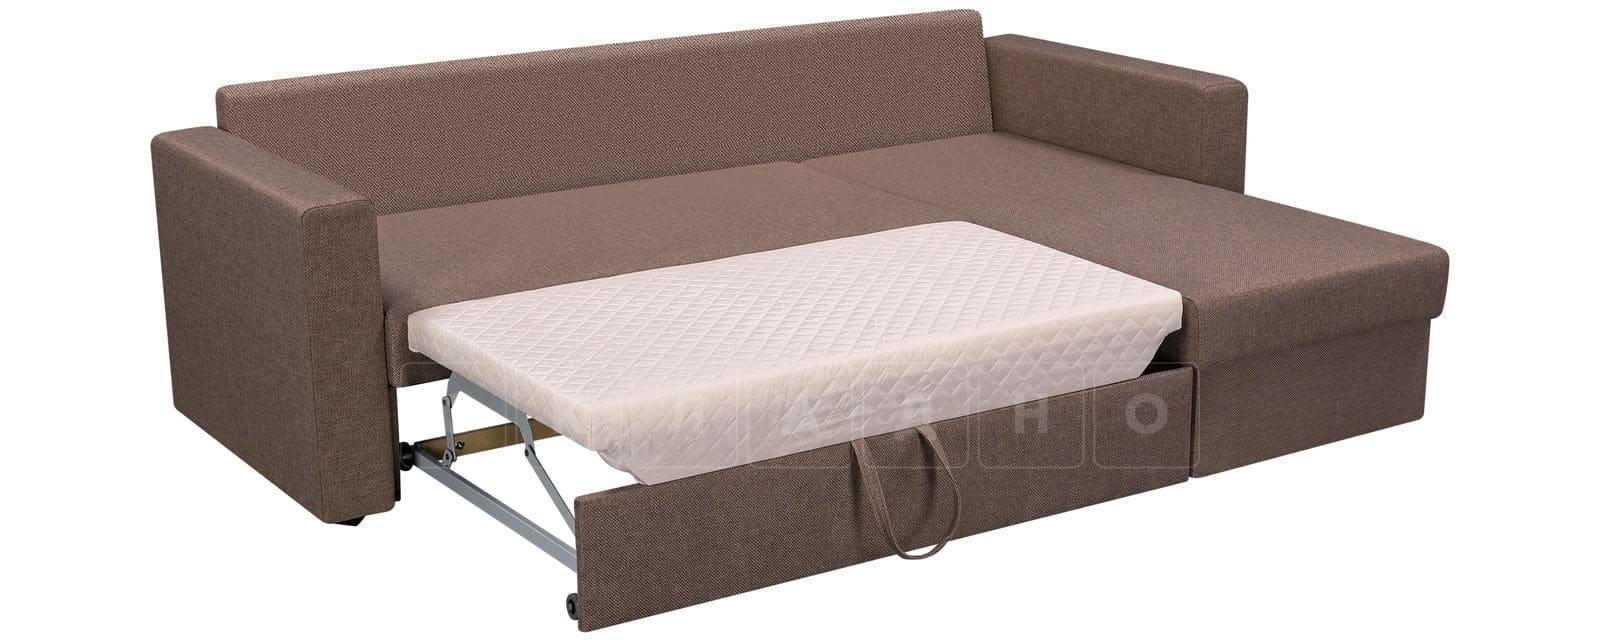 Угловой диван Турин коричневый фото 4 | интернет-магазин Складно